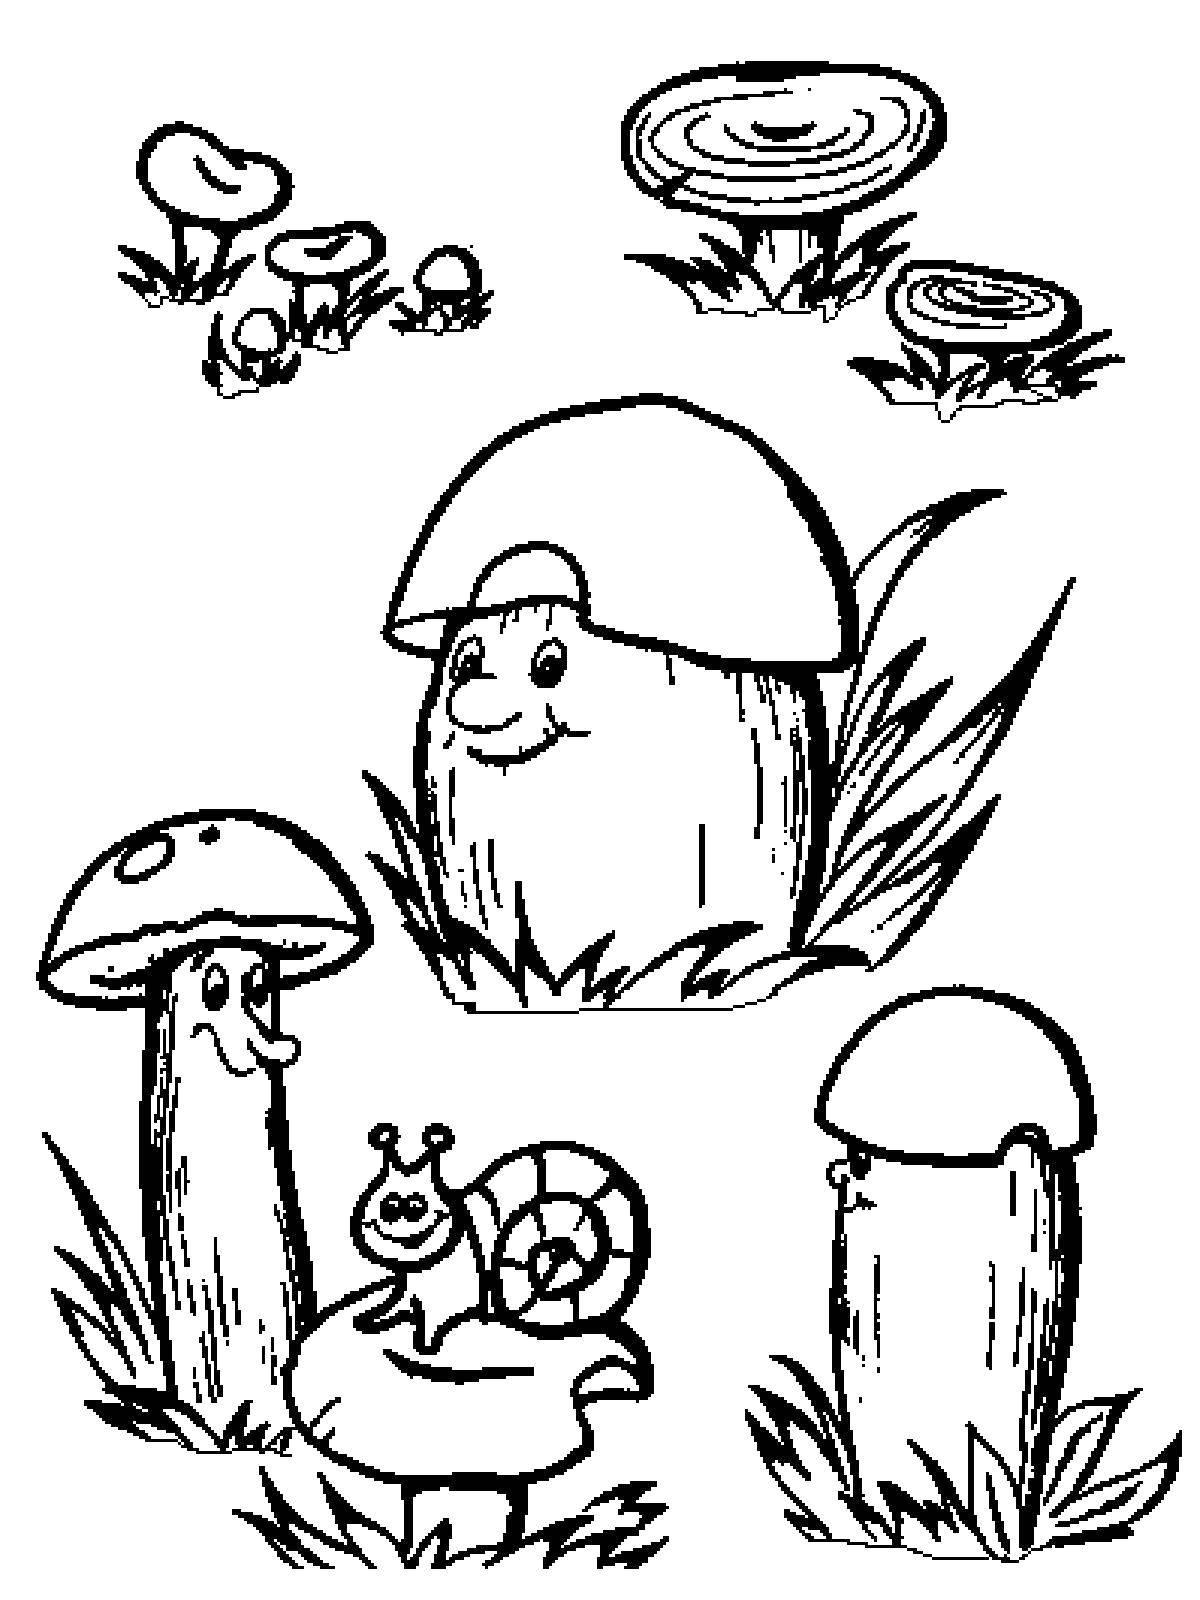 мебель раскраска на тему лес грибы ягоды данной